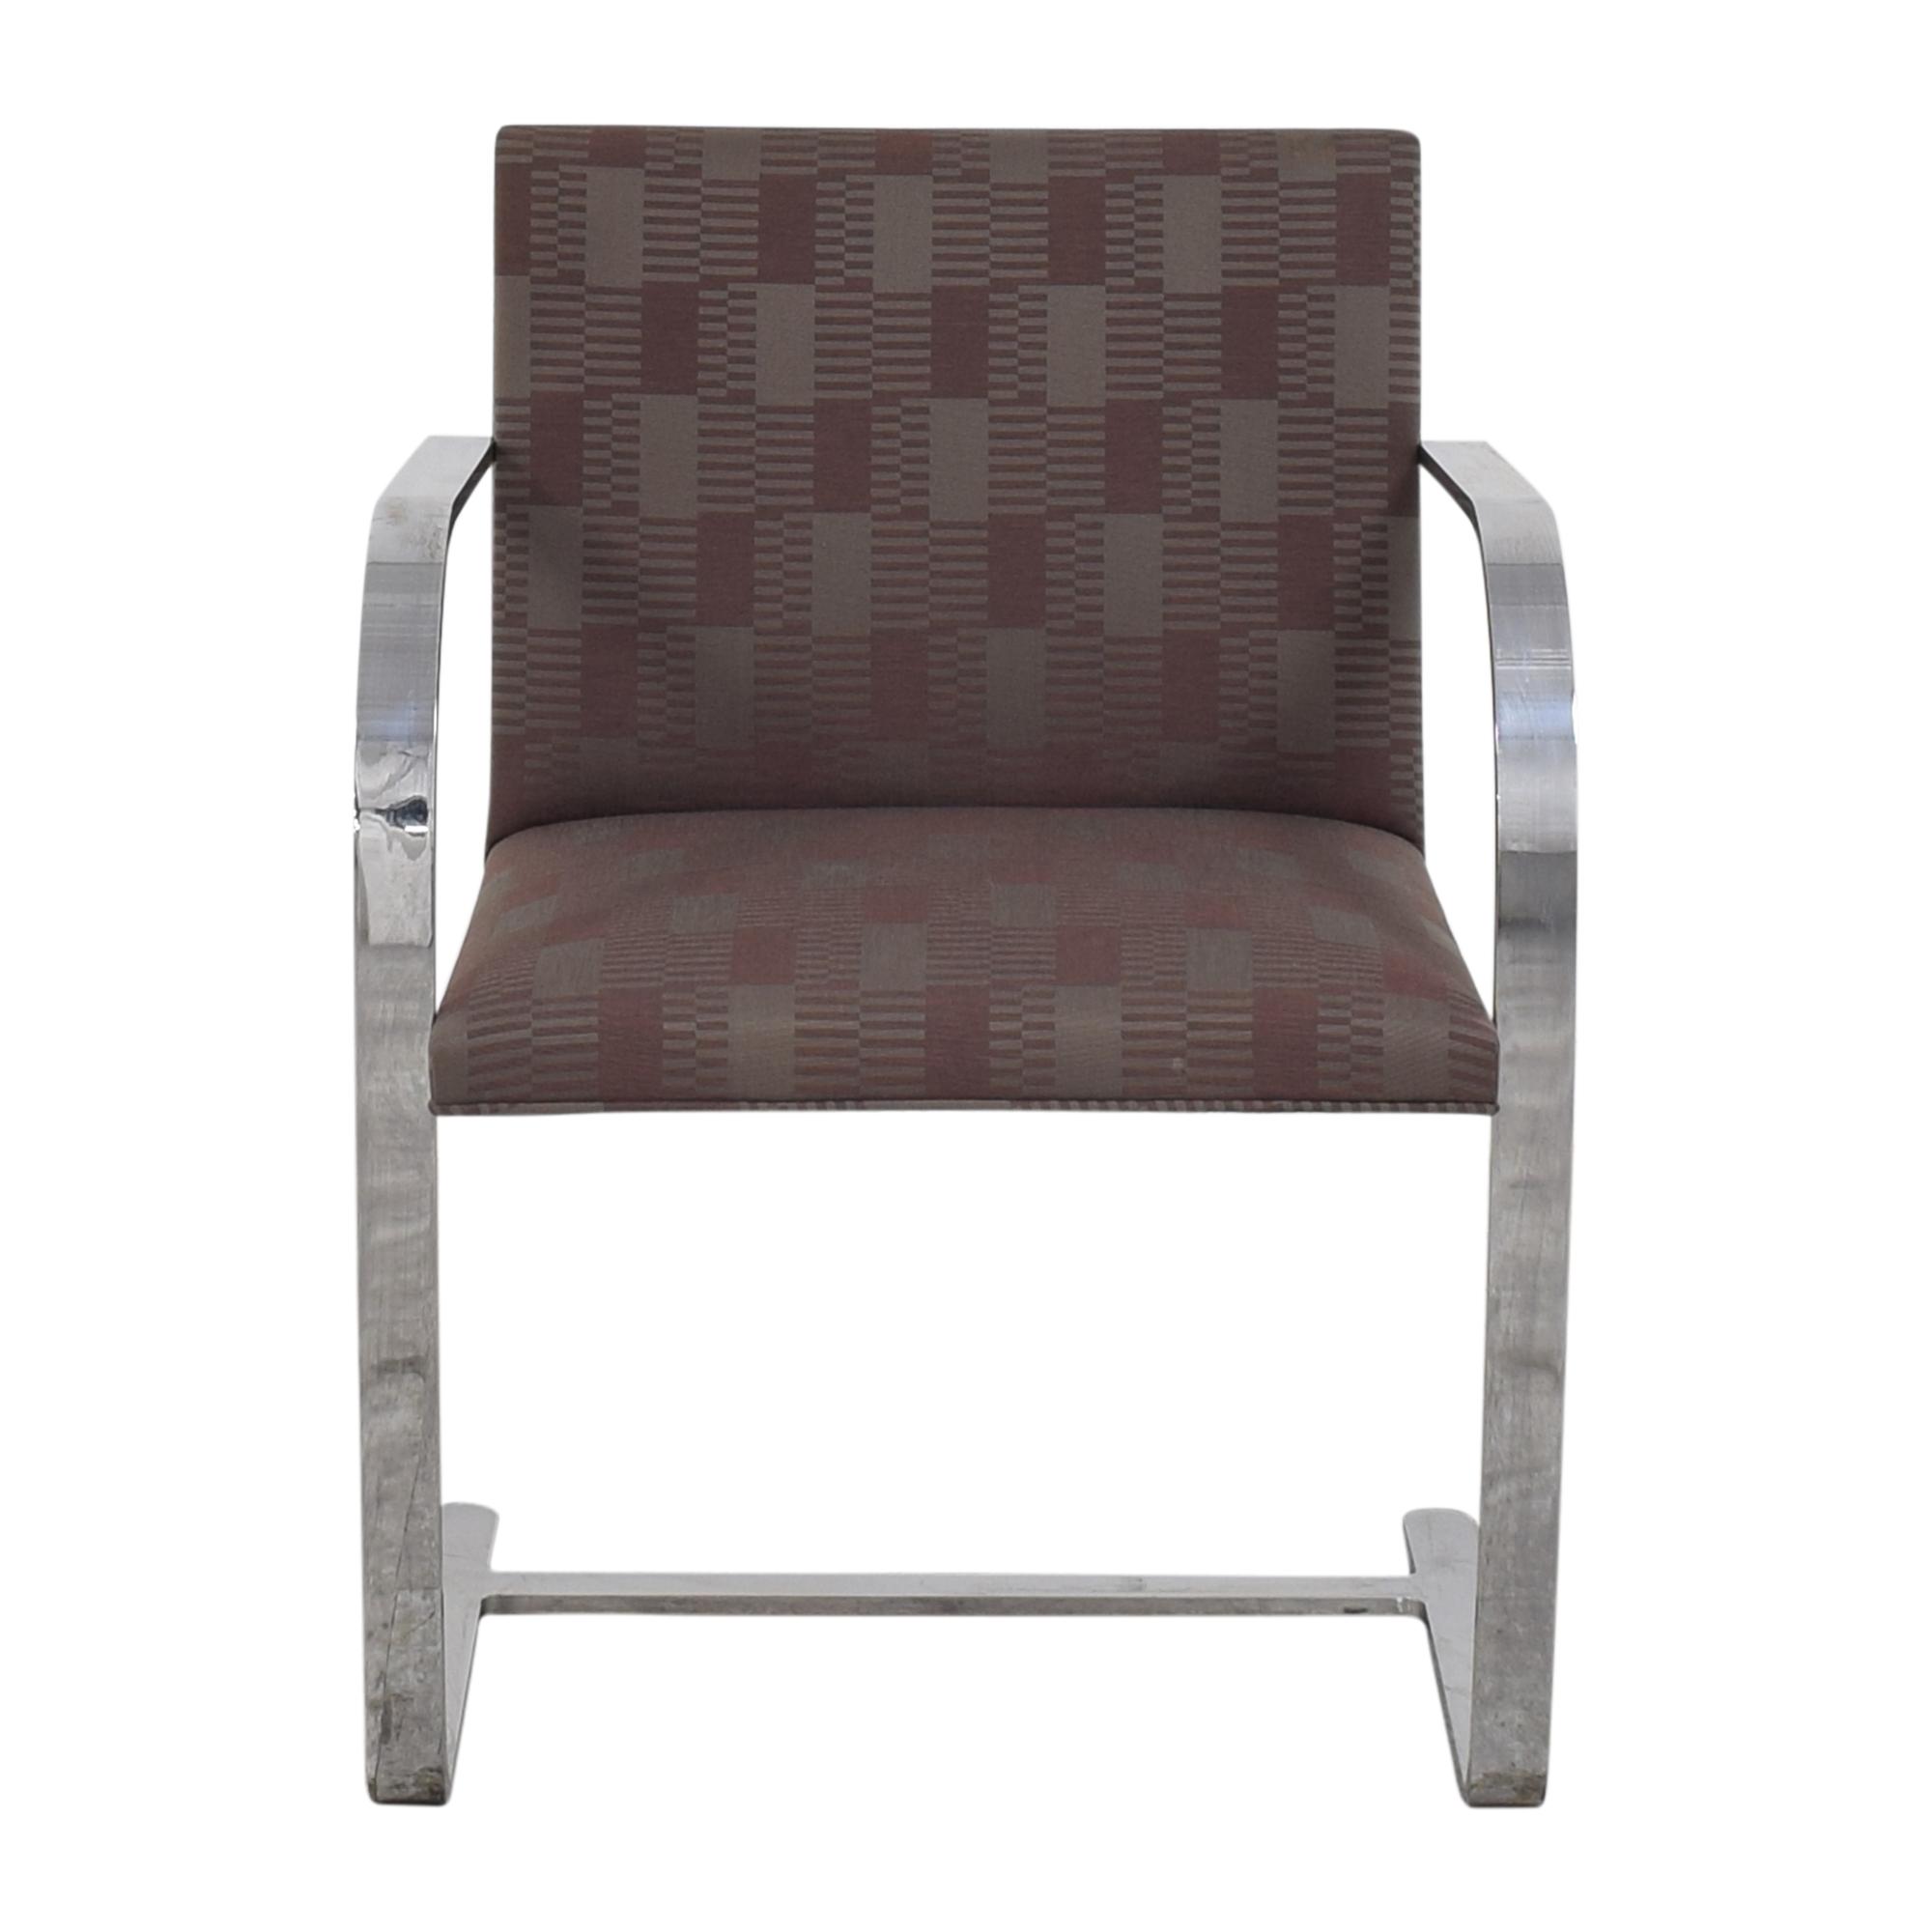 Flat Bar Brno-Style Chair nyc